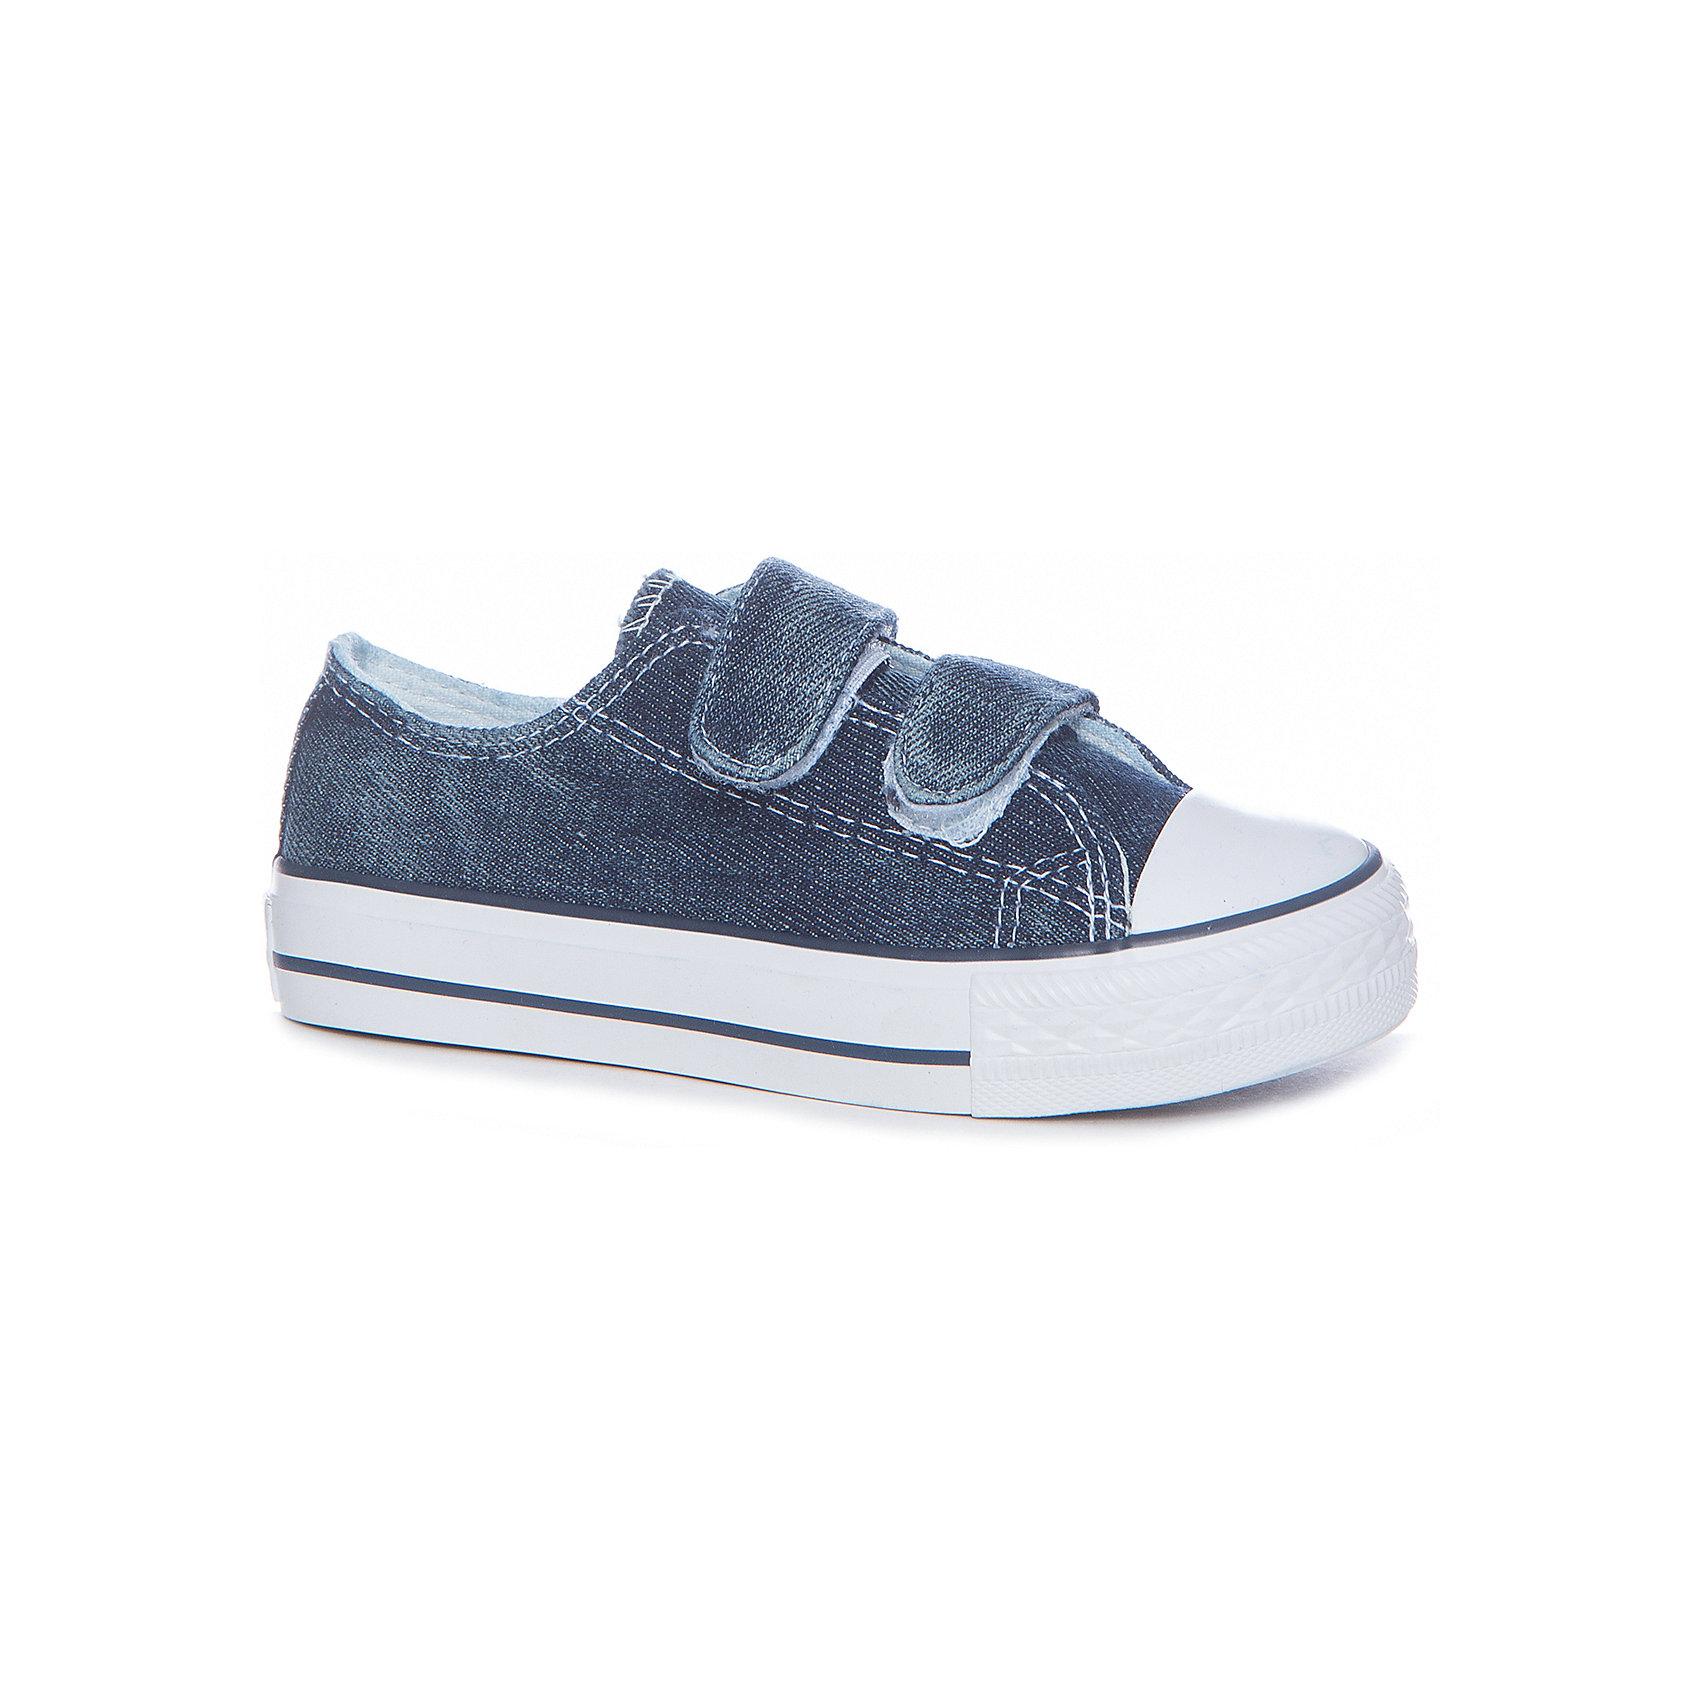 Кеды для мальчика  BUTTON BLUEКеды<br>Кеды для мальчика  BUTTON BLUE<br>Текстильная спортивная обувь - хит весенне-летнего сезона! Кеды, кроссовки, слипоны с легкостью вытеснили из детского гардероба сандалии и мокасины. Синие джинсовые кеды от Button Blue - прекрасный летний вариант. Если вы хотите приобрести качественные и очень стильные кеды для мальчика, вам стоит купить детские кеды на липучке. Практичный и очень удобный вариант, наверняка, понравится ребенку.<br>Состав:<br>верх: джинса подклад: хлопок стелька: хлопок подошва: резина<br><br>Ширина мм: 250<br>Глубина мм: 150<br>Высота мм: 150<br>Вес г: 250<br>Цвет: синий<br>Возраст от месяцев: 132<br>Возраст до месяцев: 144<br>Пол: Мужской<br>Возраст: Детский<br>Размер: 35,36,37,38,26,27,28,29,30,31,32,33,34<br>SKU: 5524722